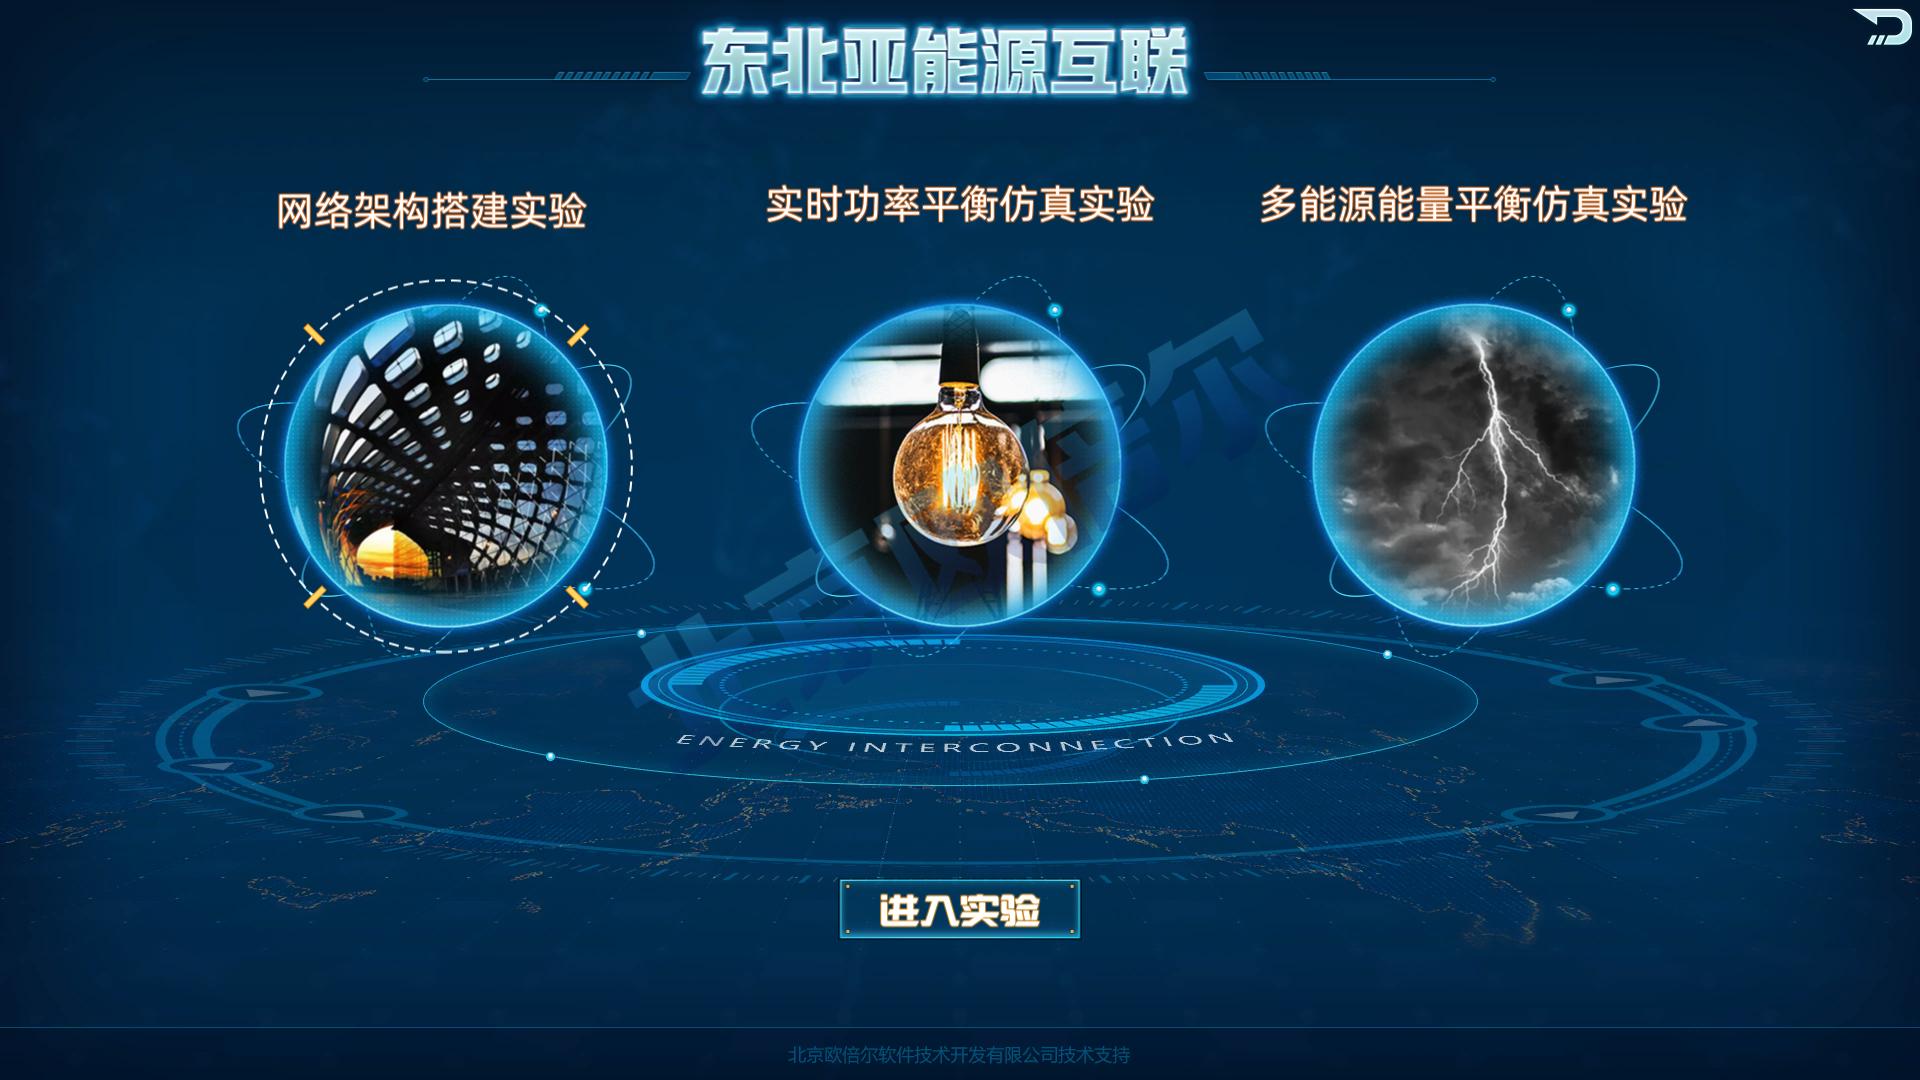 北京欧倍尔东北亚能源互联网虚拟仿真实验教学平台